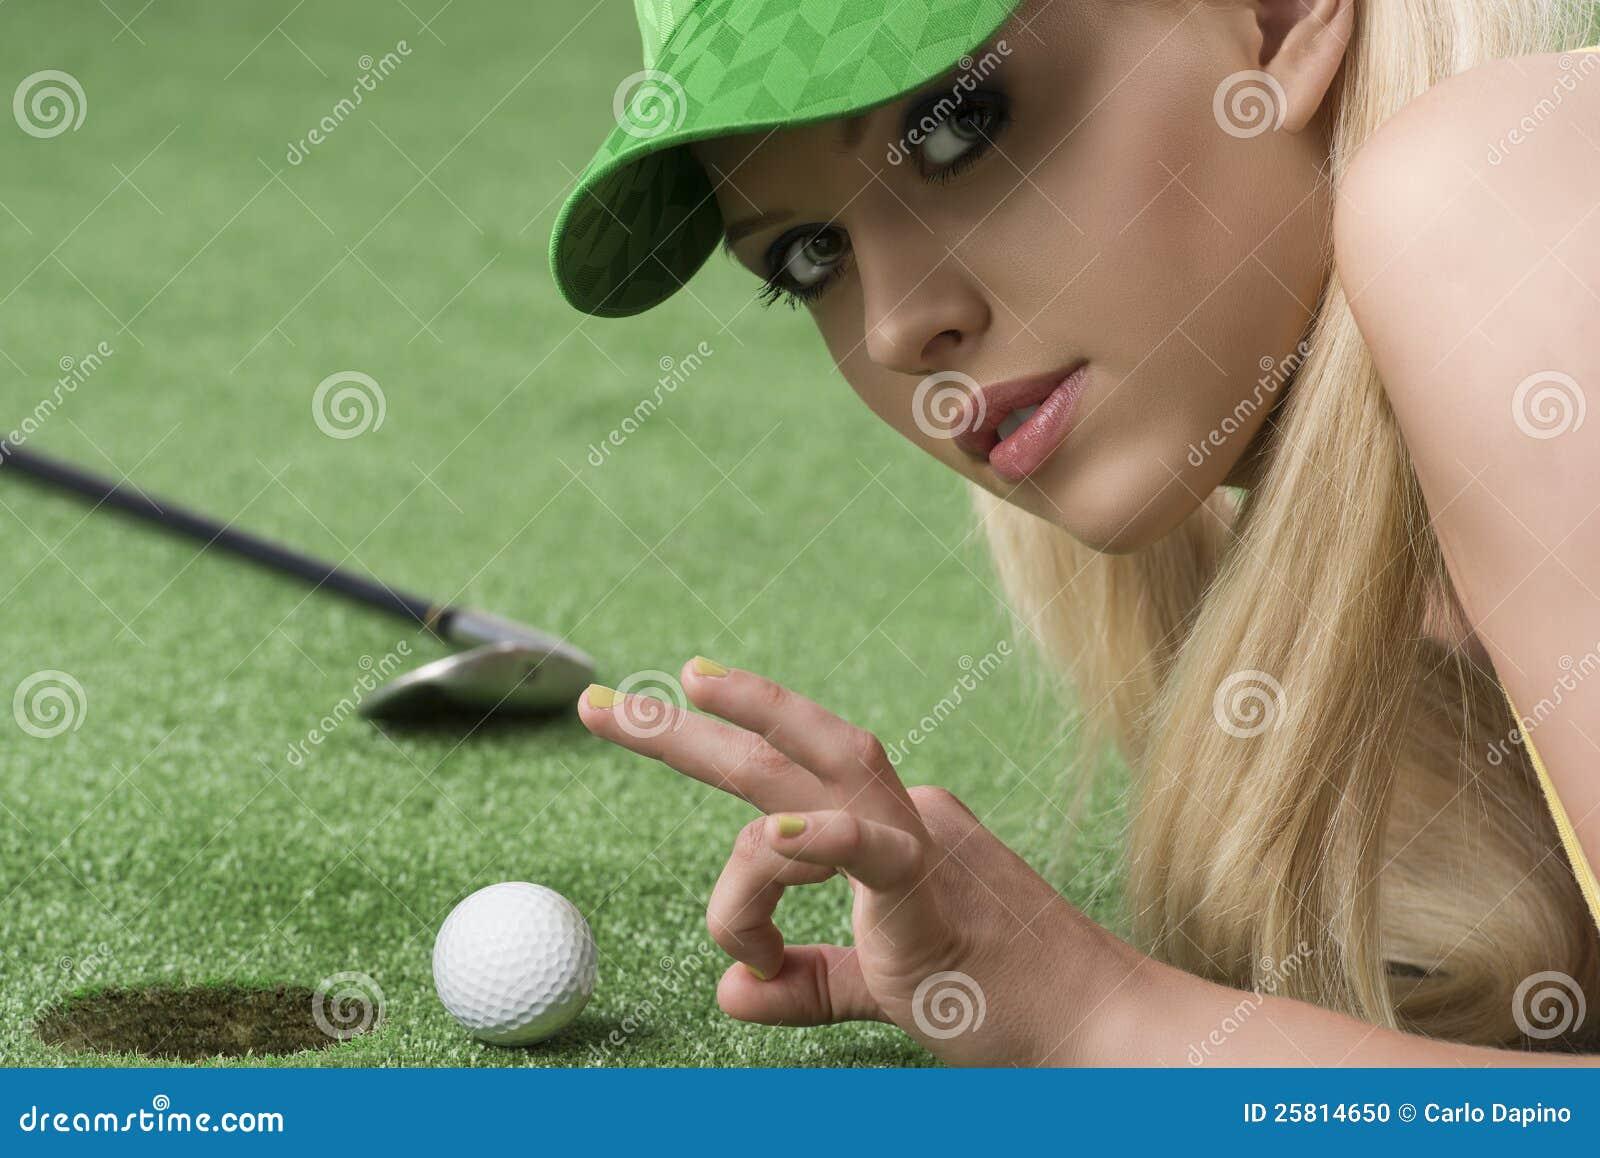 La muchacha que juega con la pelota de golf mira adentro a la lente